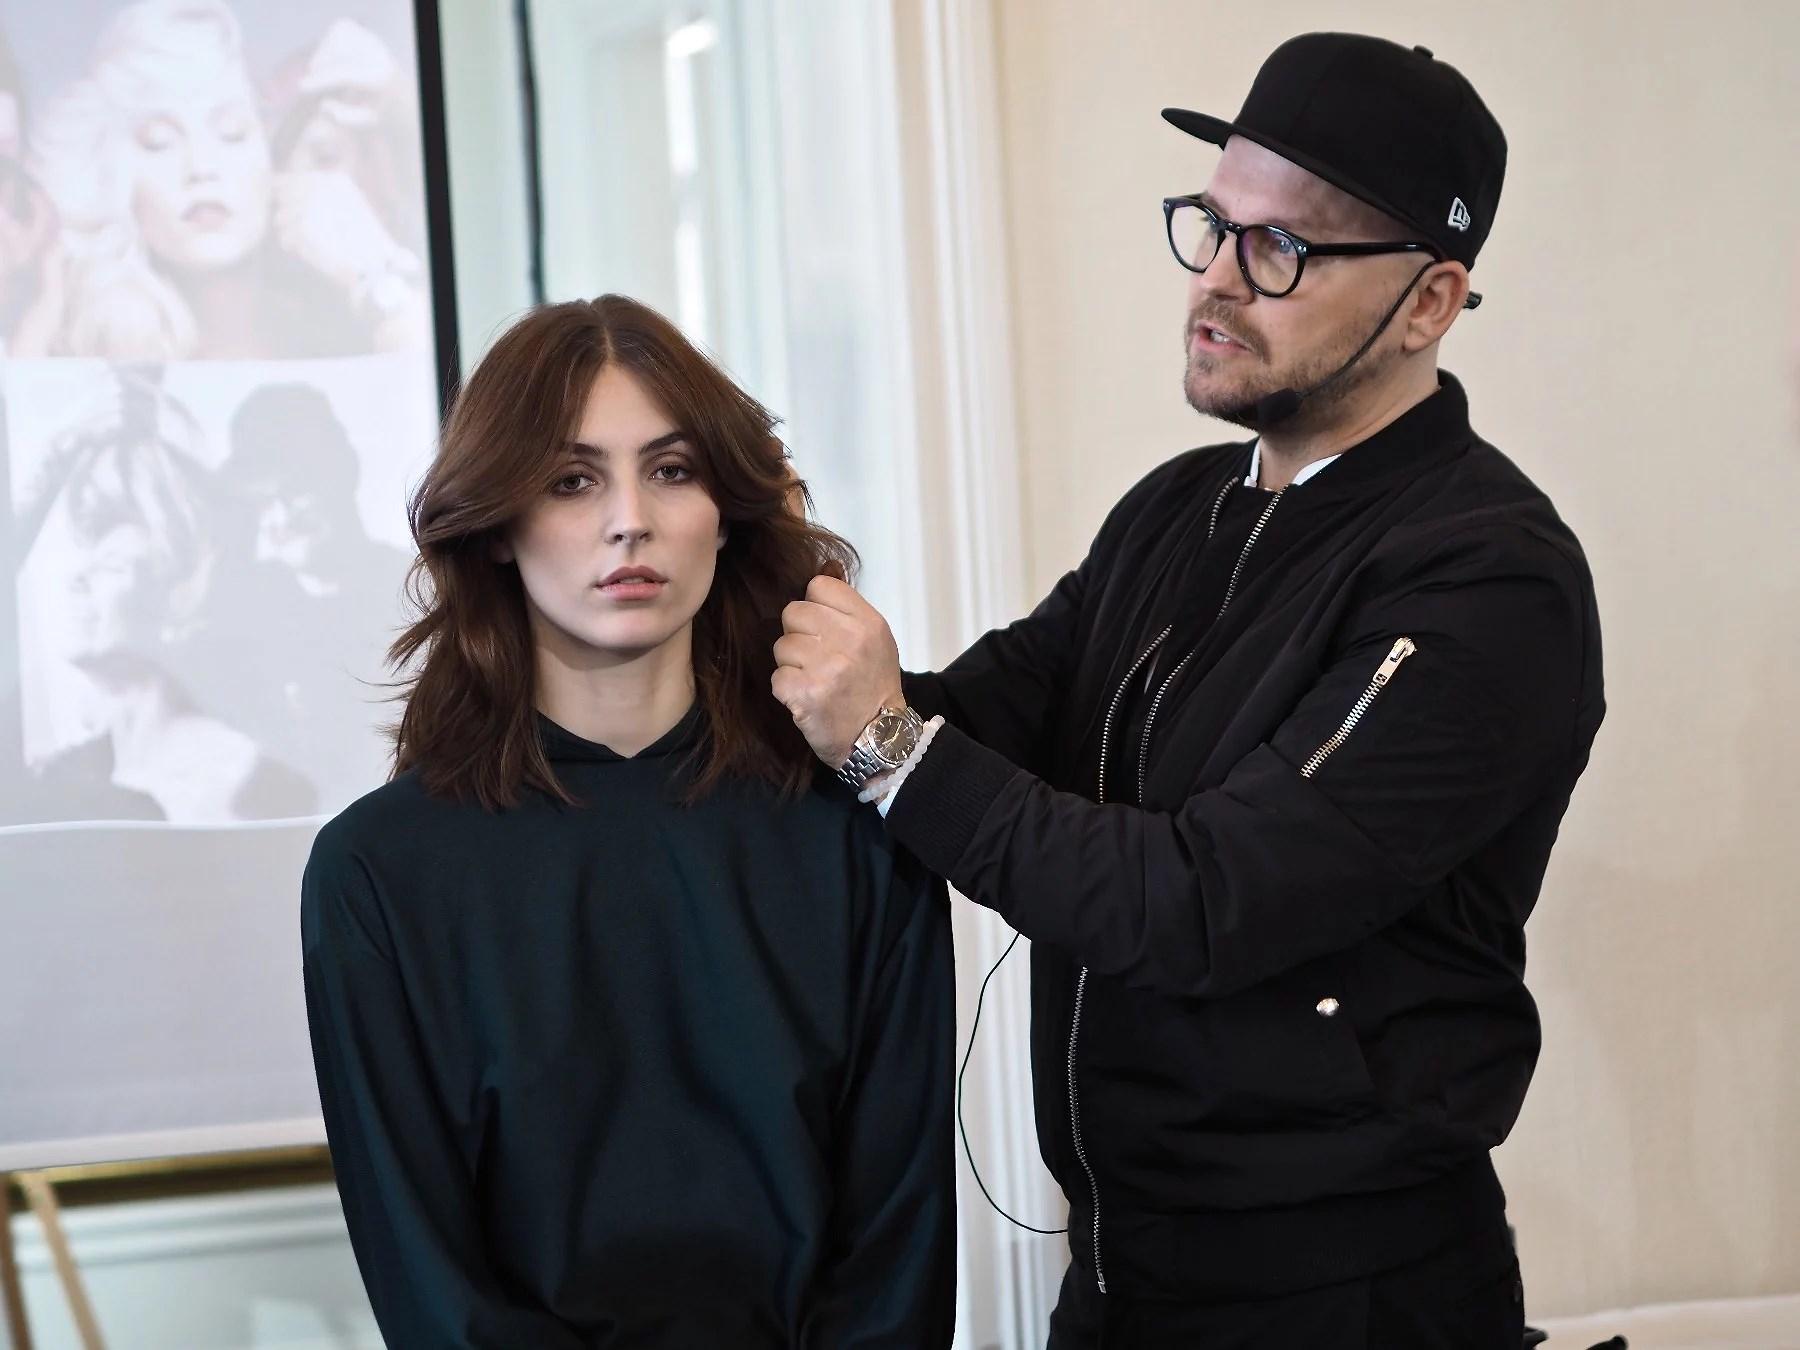 Armin Morbach viser fire hårtrender for 2017